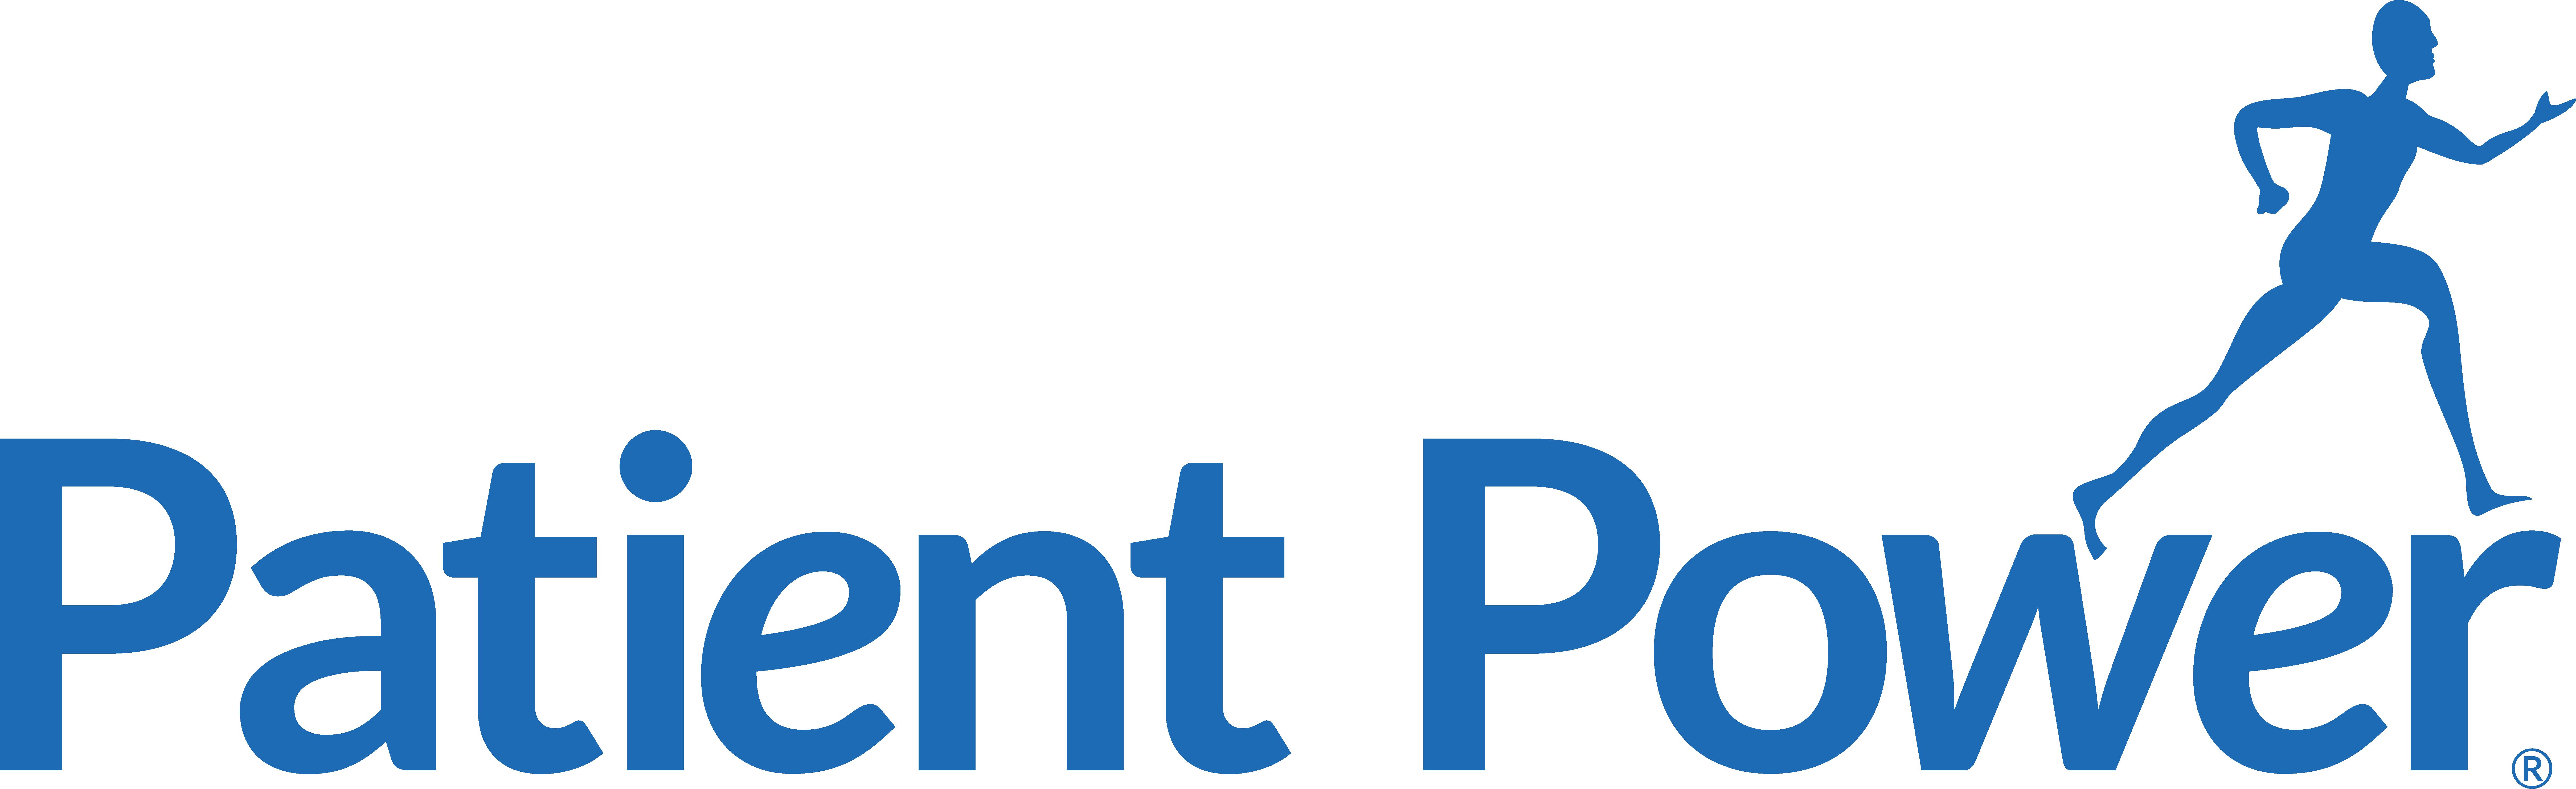 PatientPower-Logo-Med-Blue